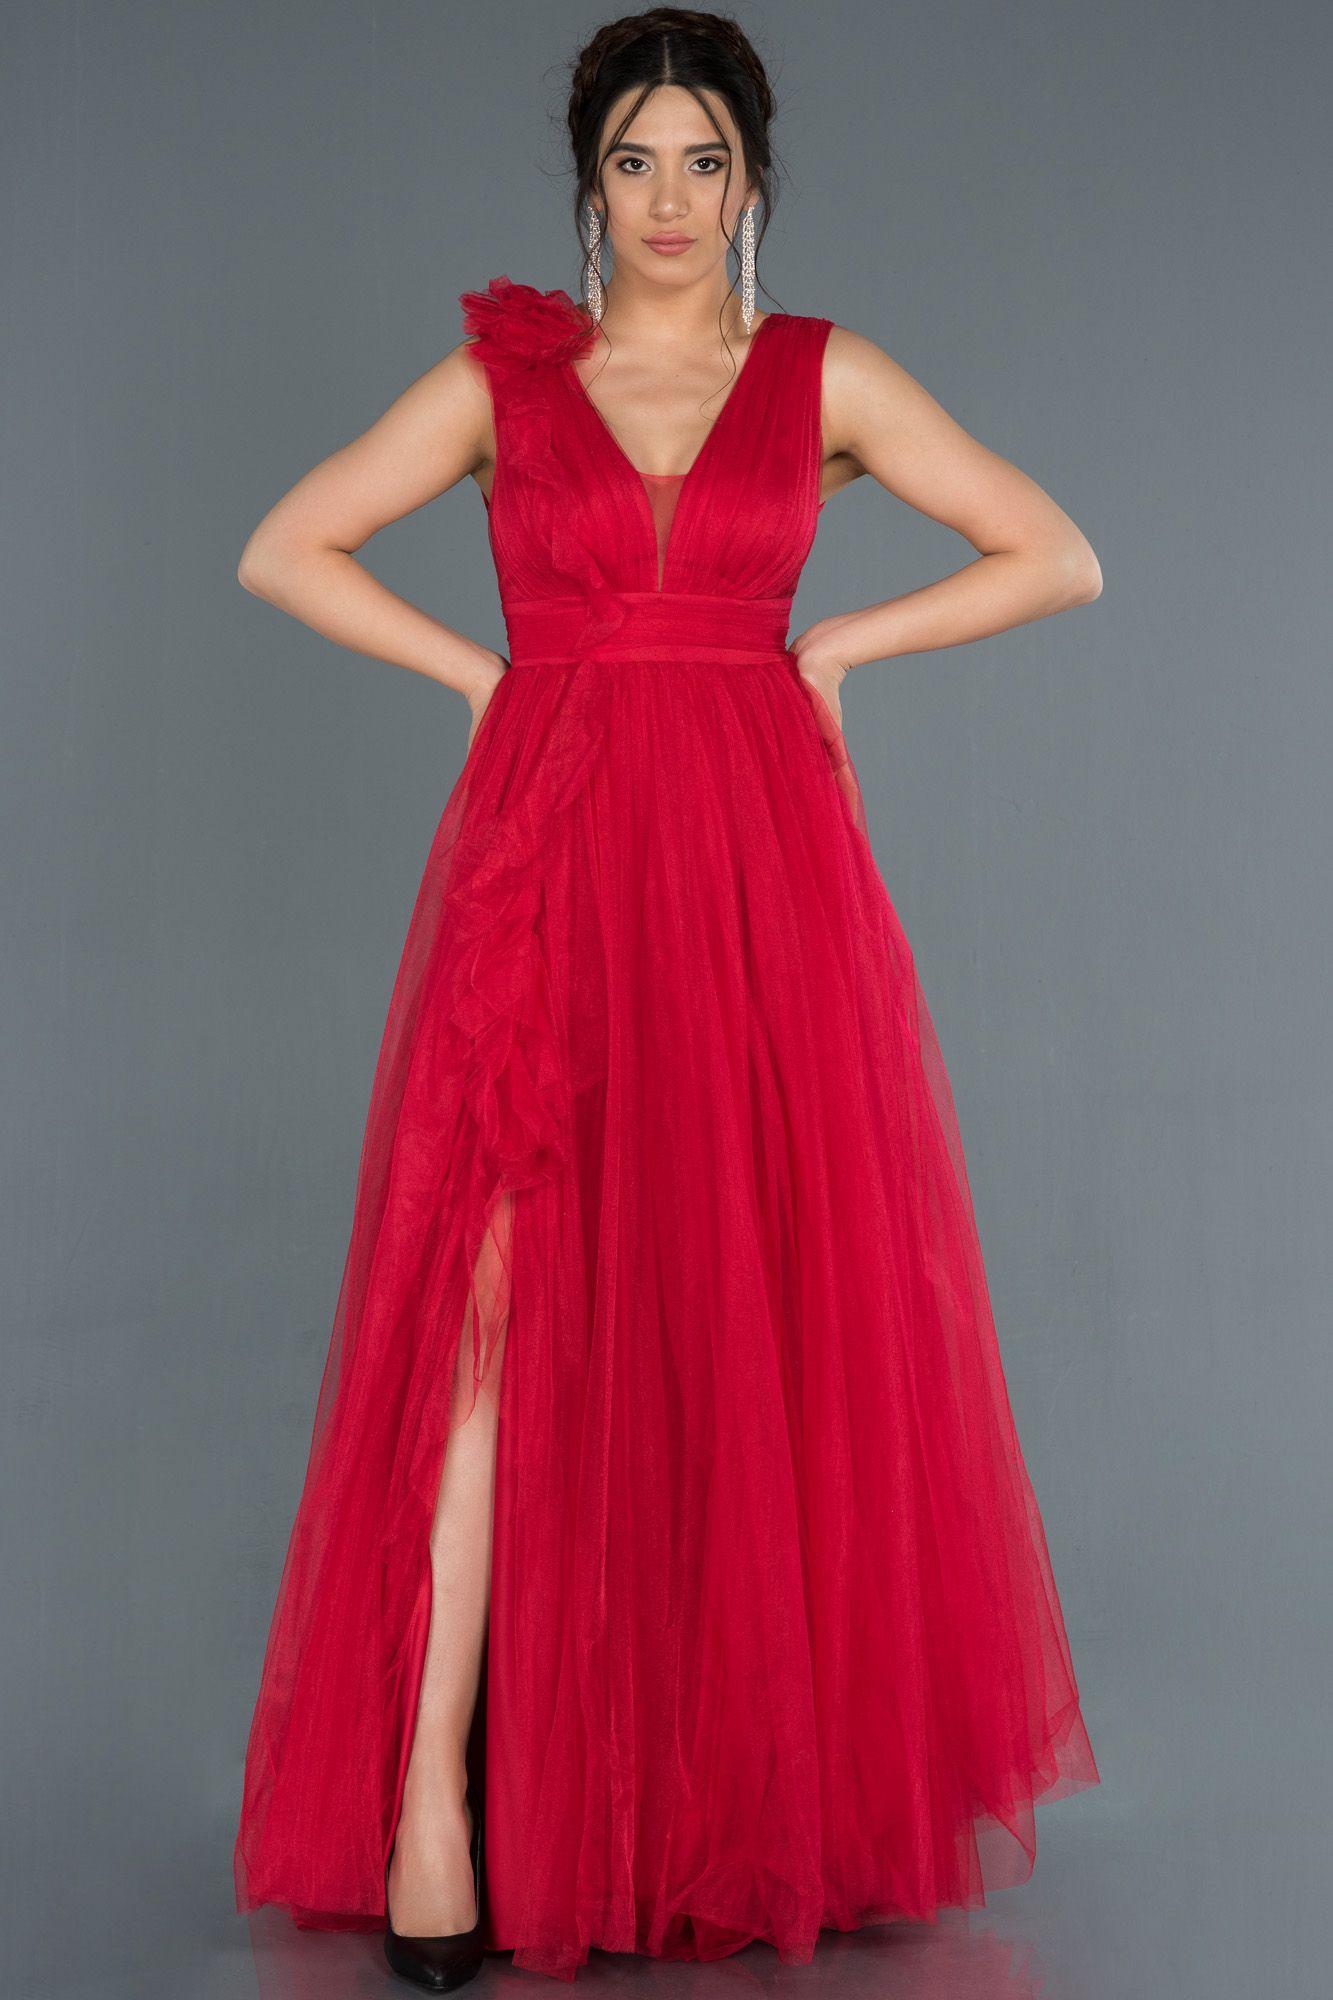 Kirmizi Bacak Dekolteli Tul Abiye Elbise Abu1335 2020 The Dress Elbise Elbise Modelleri